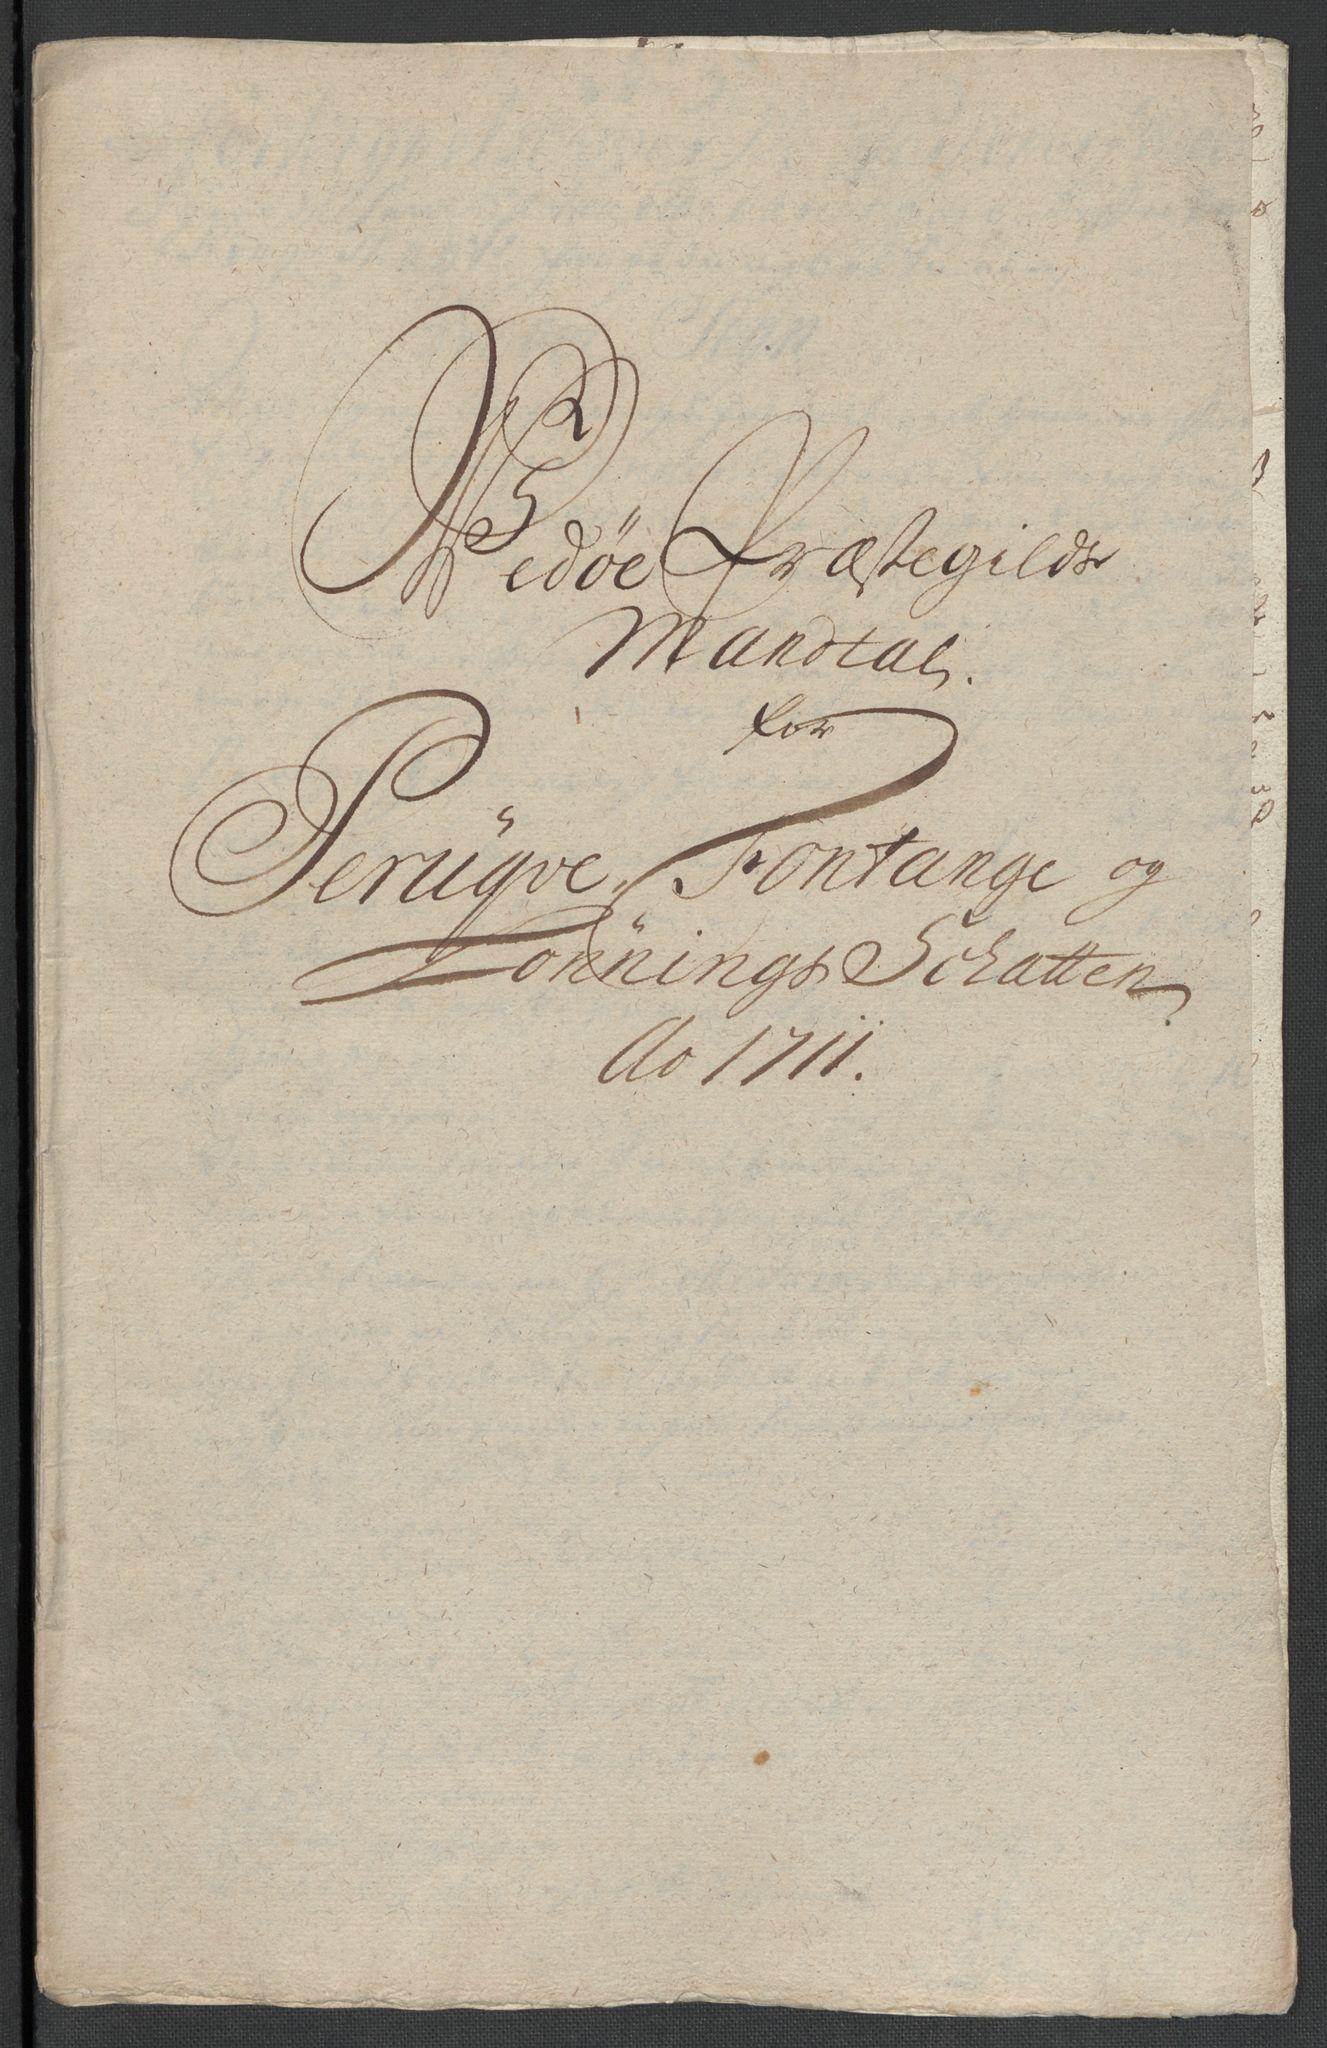 RA, Rentekammeret inntil 1814, Reviderte regnskaper, Fogderegnskap, R55/L3660: Fogderegnskap Romsdal, 1711, s. 164